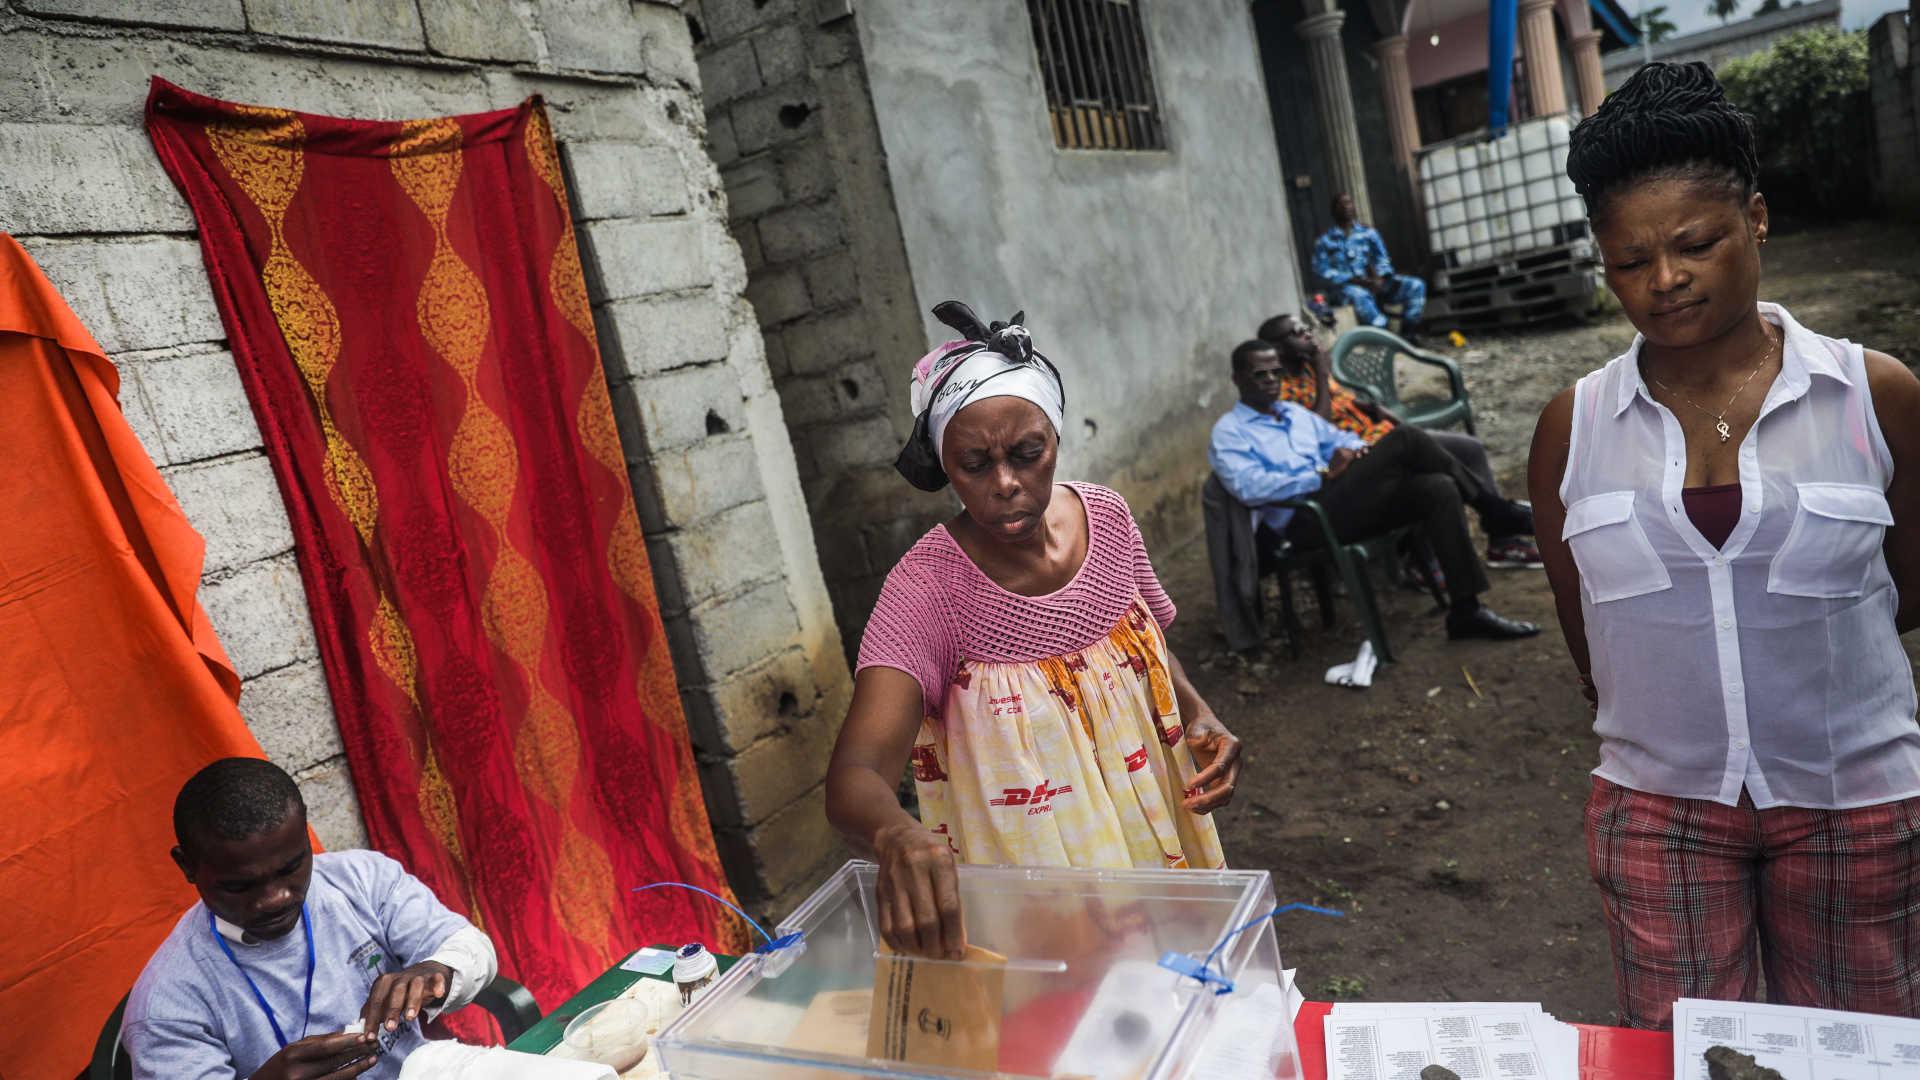 cplp elogia processo eleitoral na guiné equatorial, união africana não - GUINE EQUAT - CPLP elogia processo eleitoral na Guiné Equatorial, União Africana não